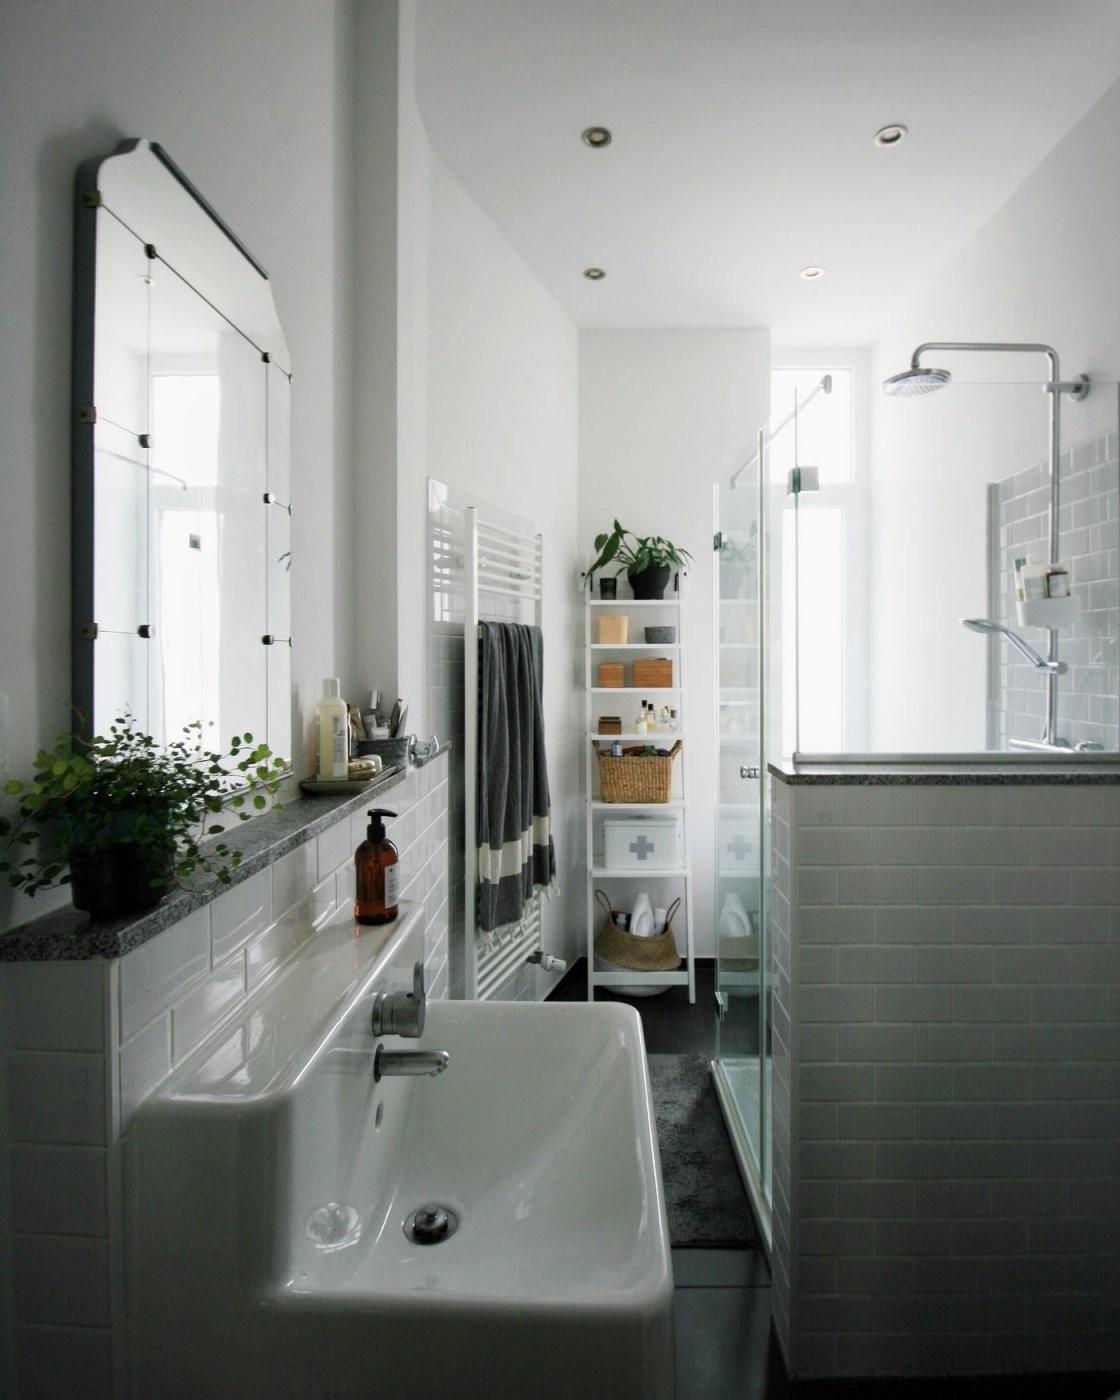 Ideen Für Deine Dusche 100 Bilder Aus Echten Wohnungen von Duschideen Für Kleine Bäder Photo